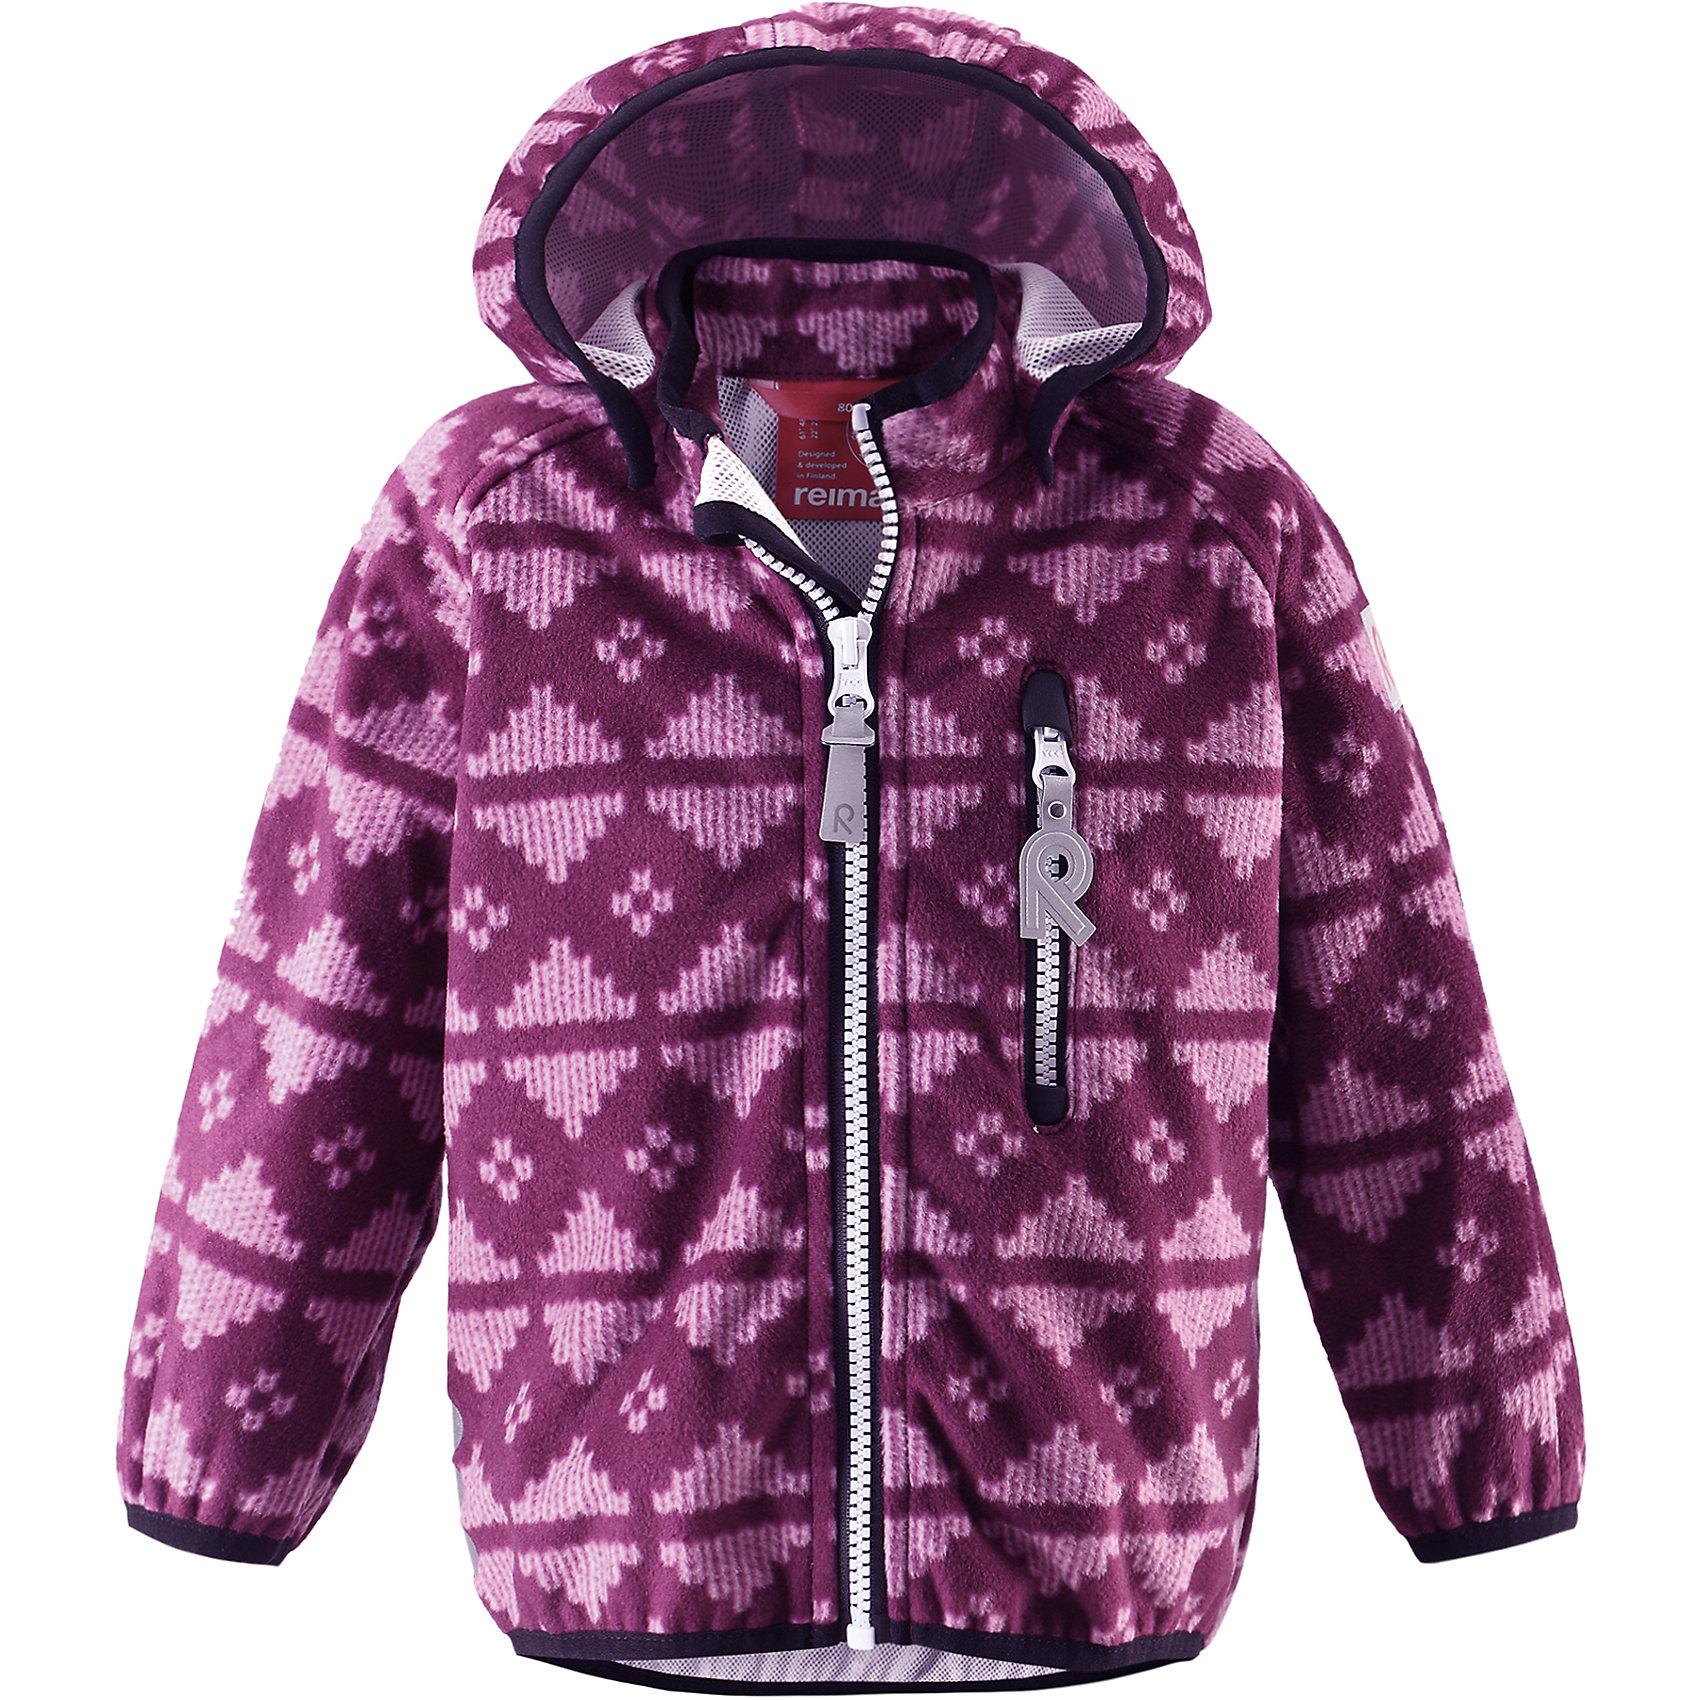 Куртка Aie для девочки ReimaКуртка  Reima<br>Куртка из материала softshell для малышей. Из ветронепроницаемого материала, но изделие «дышит». Безопасный, съемный капюшон. Эластичная резинка на кромке капюшона, манжетах и подоле. Нагрудный карман на молнии. Принт по всей поверхности.<br>Уход:<br>Стирать по отдельности. Застегнуть молнии и липучки. Стирать моющим средством, не содержащим отбеливающие вещества. Полоскать без специального средства. Во избежание изменения цвета изделие необходимо вынуть из стиральной машинки незамедлительно после окончания программы стирки. Сушить при низкой температуре.<br>Состав:<br>100% Полиэстер, полиуретановая мембрана<br><br>Ширина мм: 356<br>Глубина мм: 10<br>Высота мм: 245<br>Вес г: 519<br>Цвет: фиолетовый<br>Возраст от месяцев: 24<br>Возраст до месяцев: 36<br>Пол: Женский<br>Возраст: Детский<br>Размер: 98,92,86,80<br>SKU: 4776036